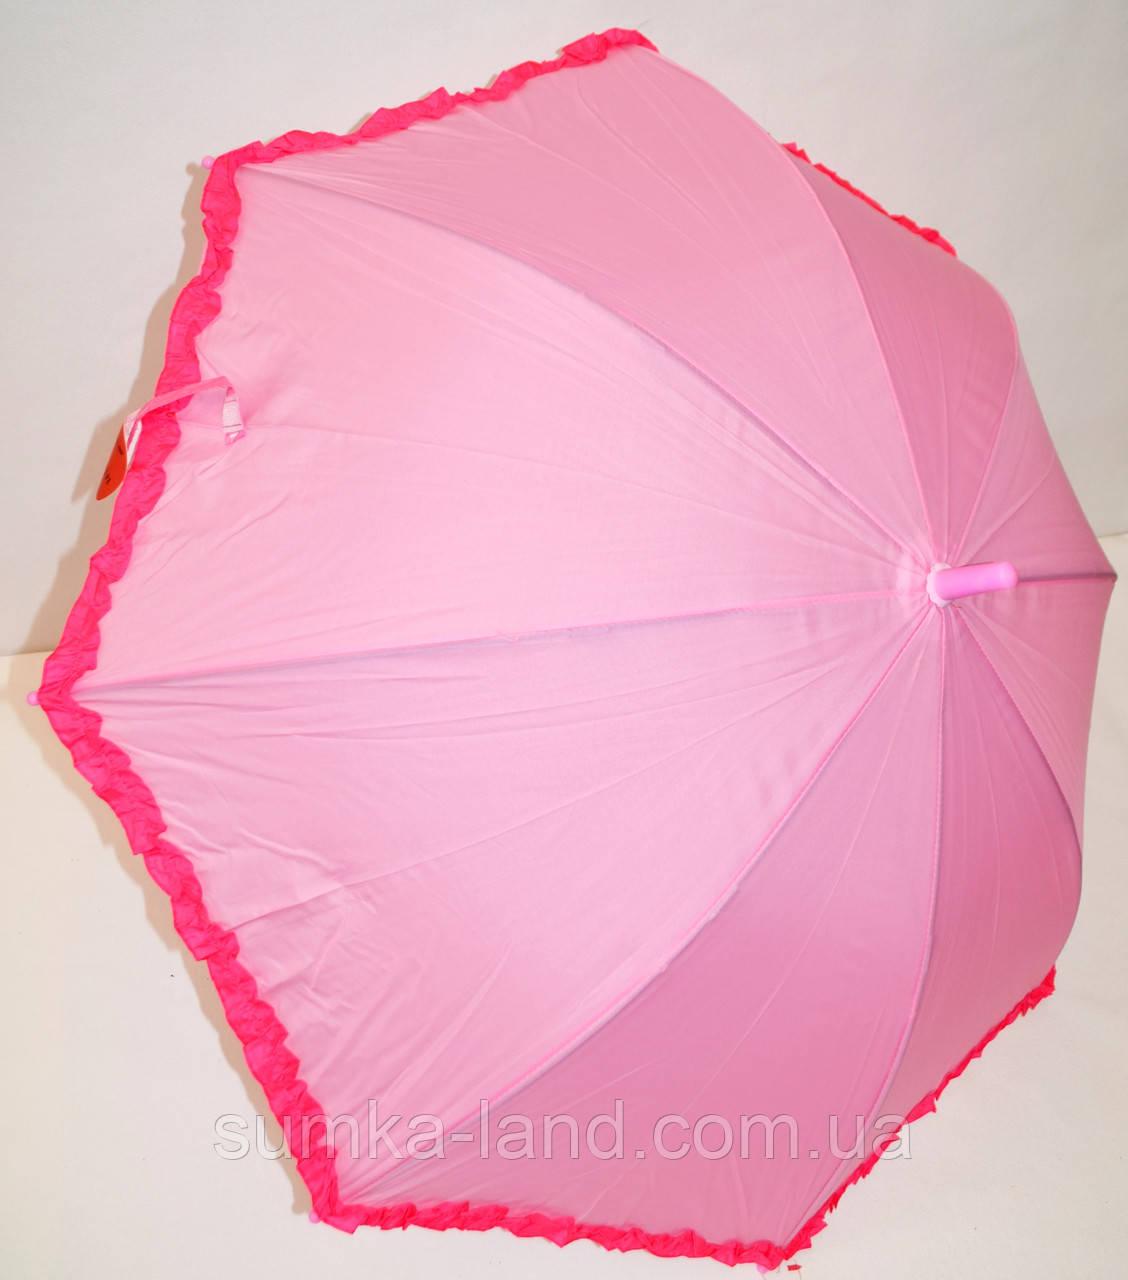 Детский розовый зонт-трость для девочек Star Rain с малиновыми оборками, на 8 спиц